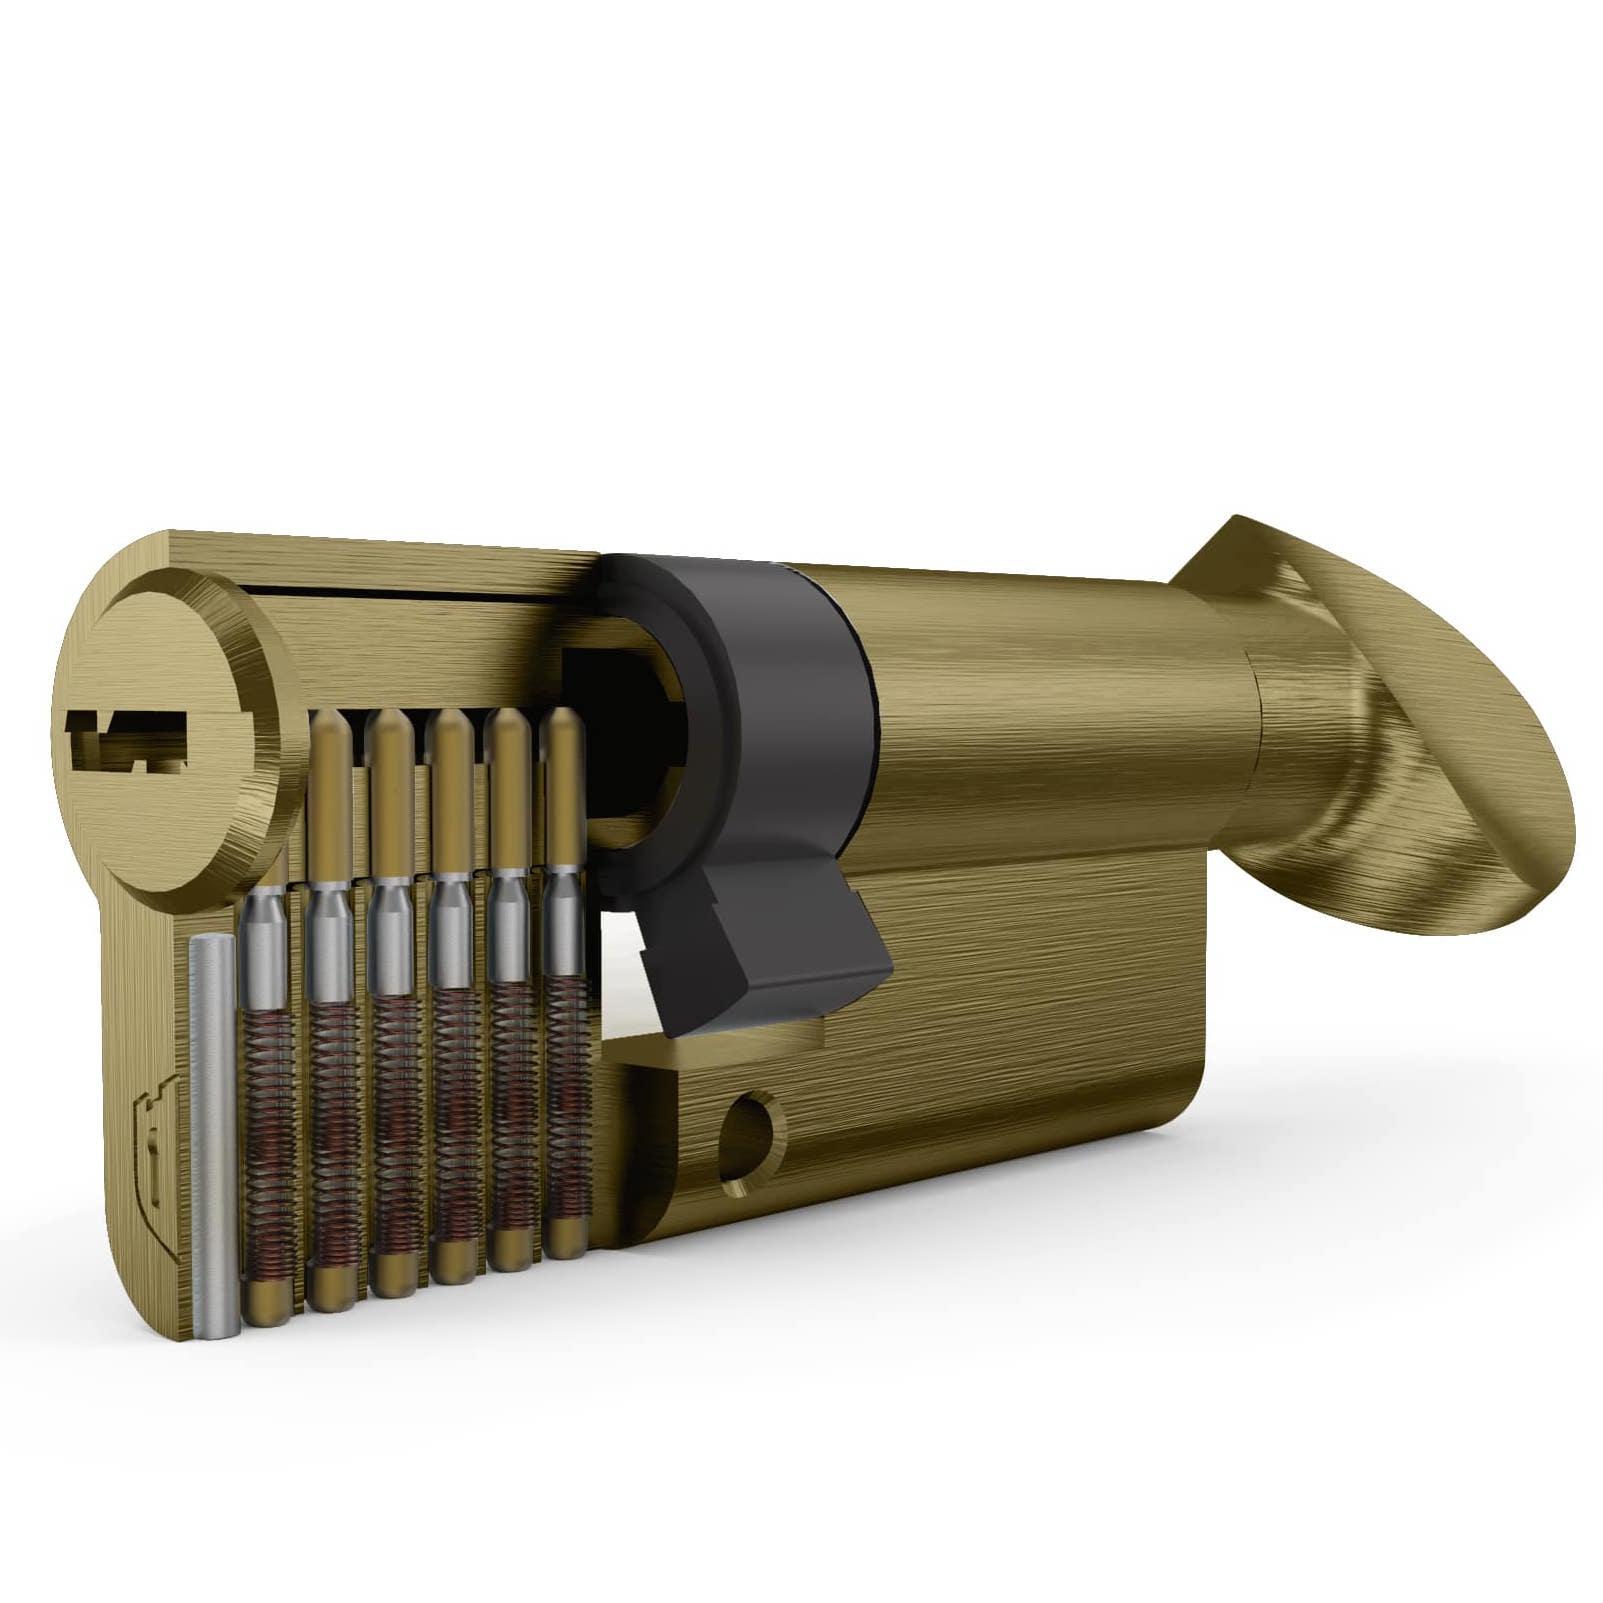 سیلندر قفل درب سرویس زیتونی ساتن تنسر سایز 7 سانتیمتر